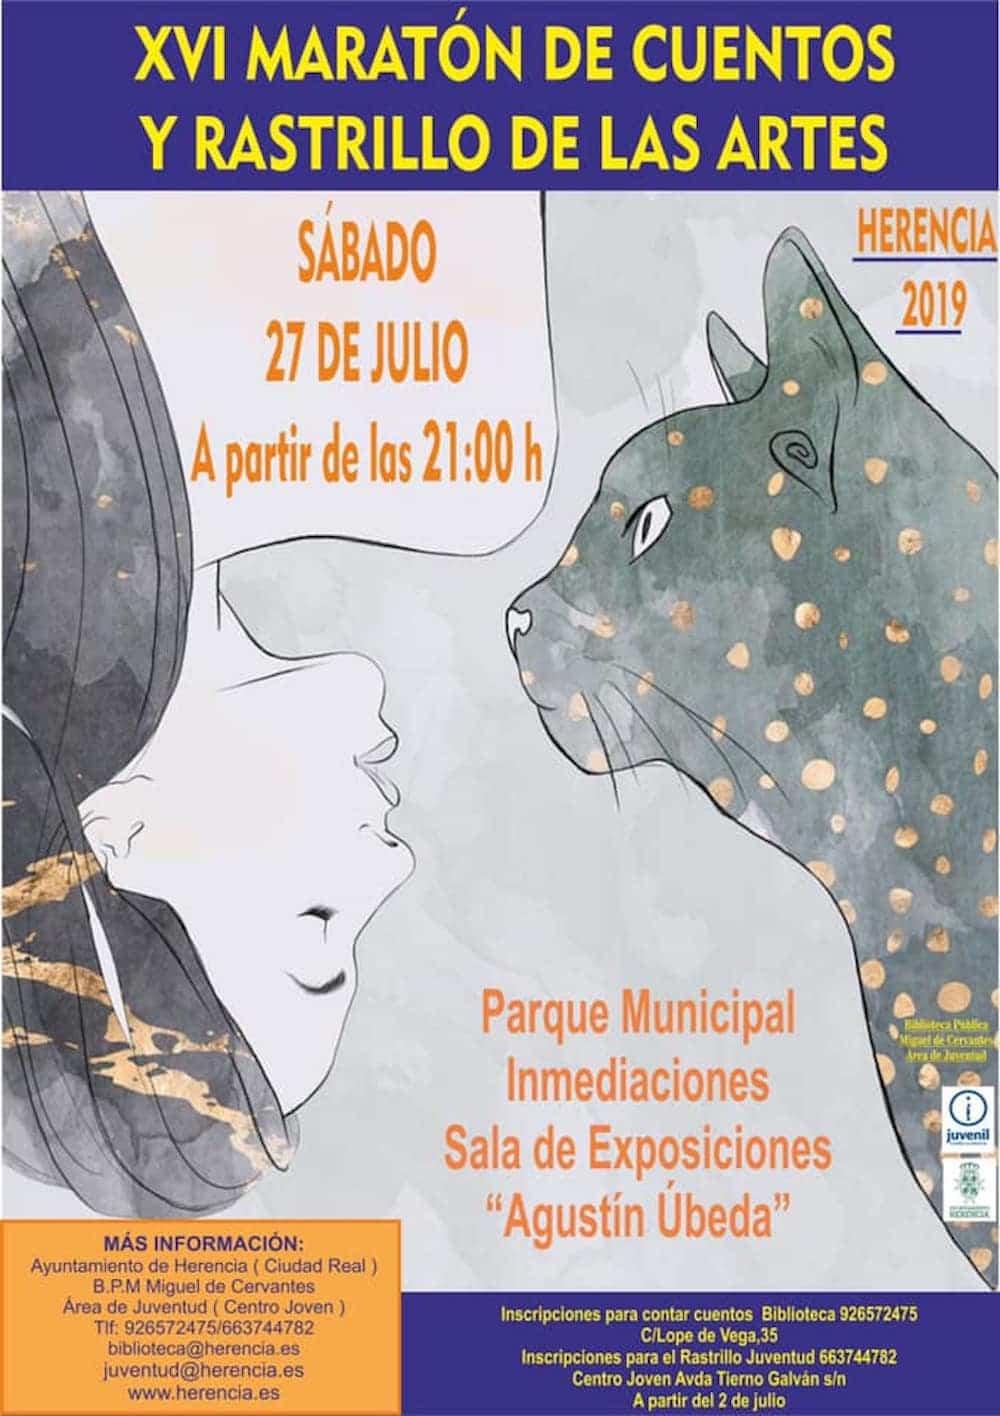 XVI Maraton de Cuentos y Rastrillo de las Artes en Herencia - XVI Maratón de Cuentos y Rastrillo de las Artes en Herencia